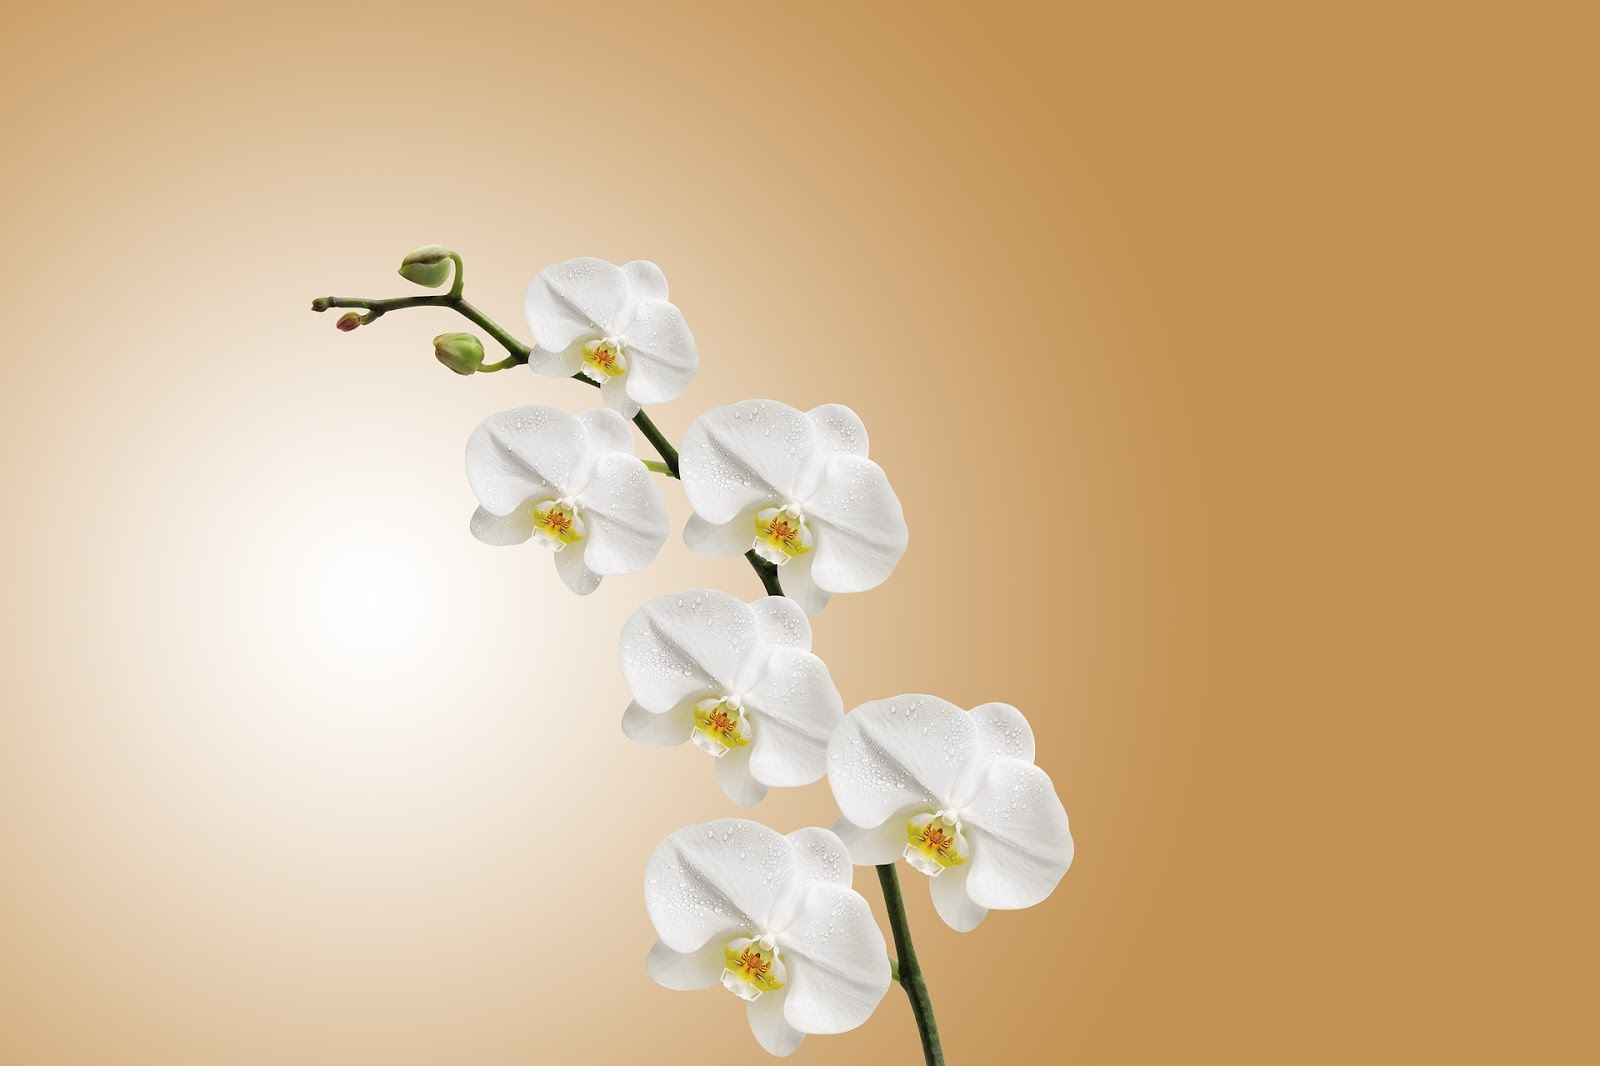 gambar bunga anggrek paling cantik